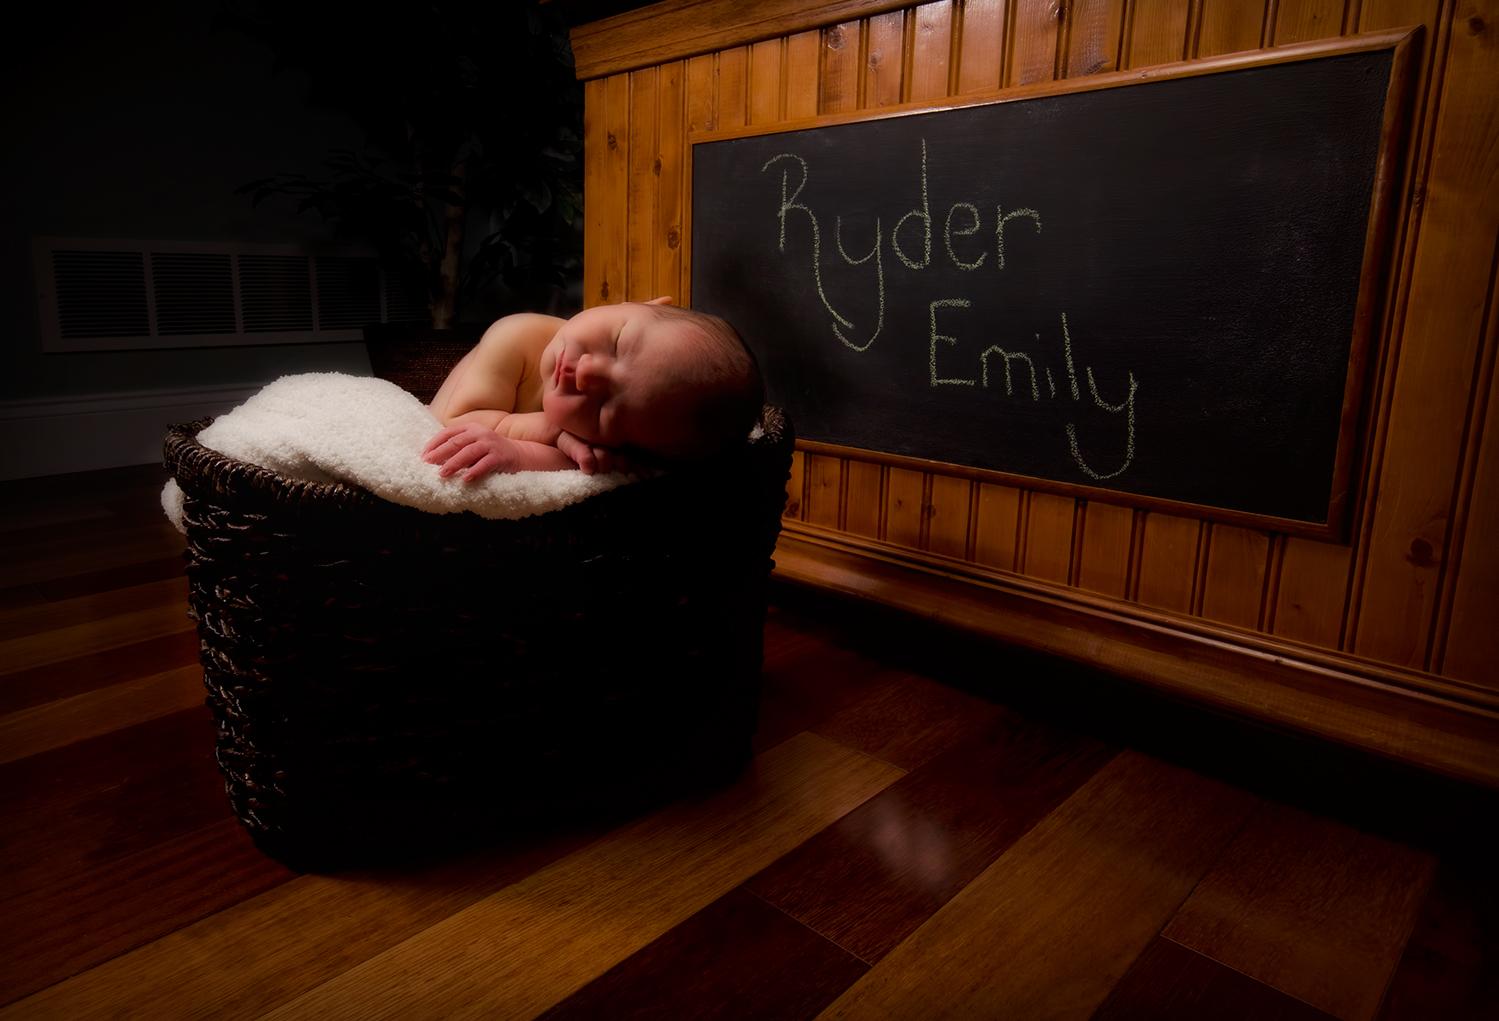 Ryder_Emily_Obst_20110525_0036_in_basket_resting_on_hands_1.jpg